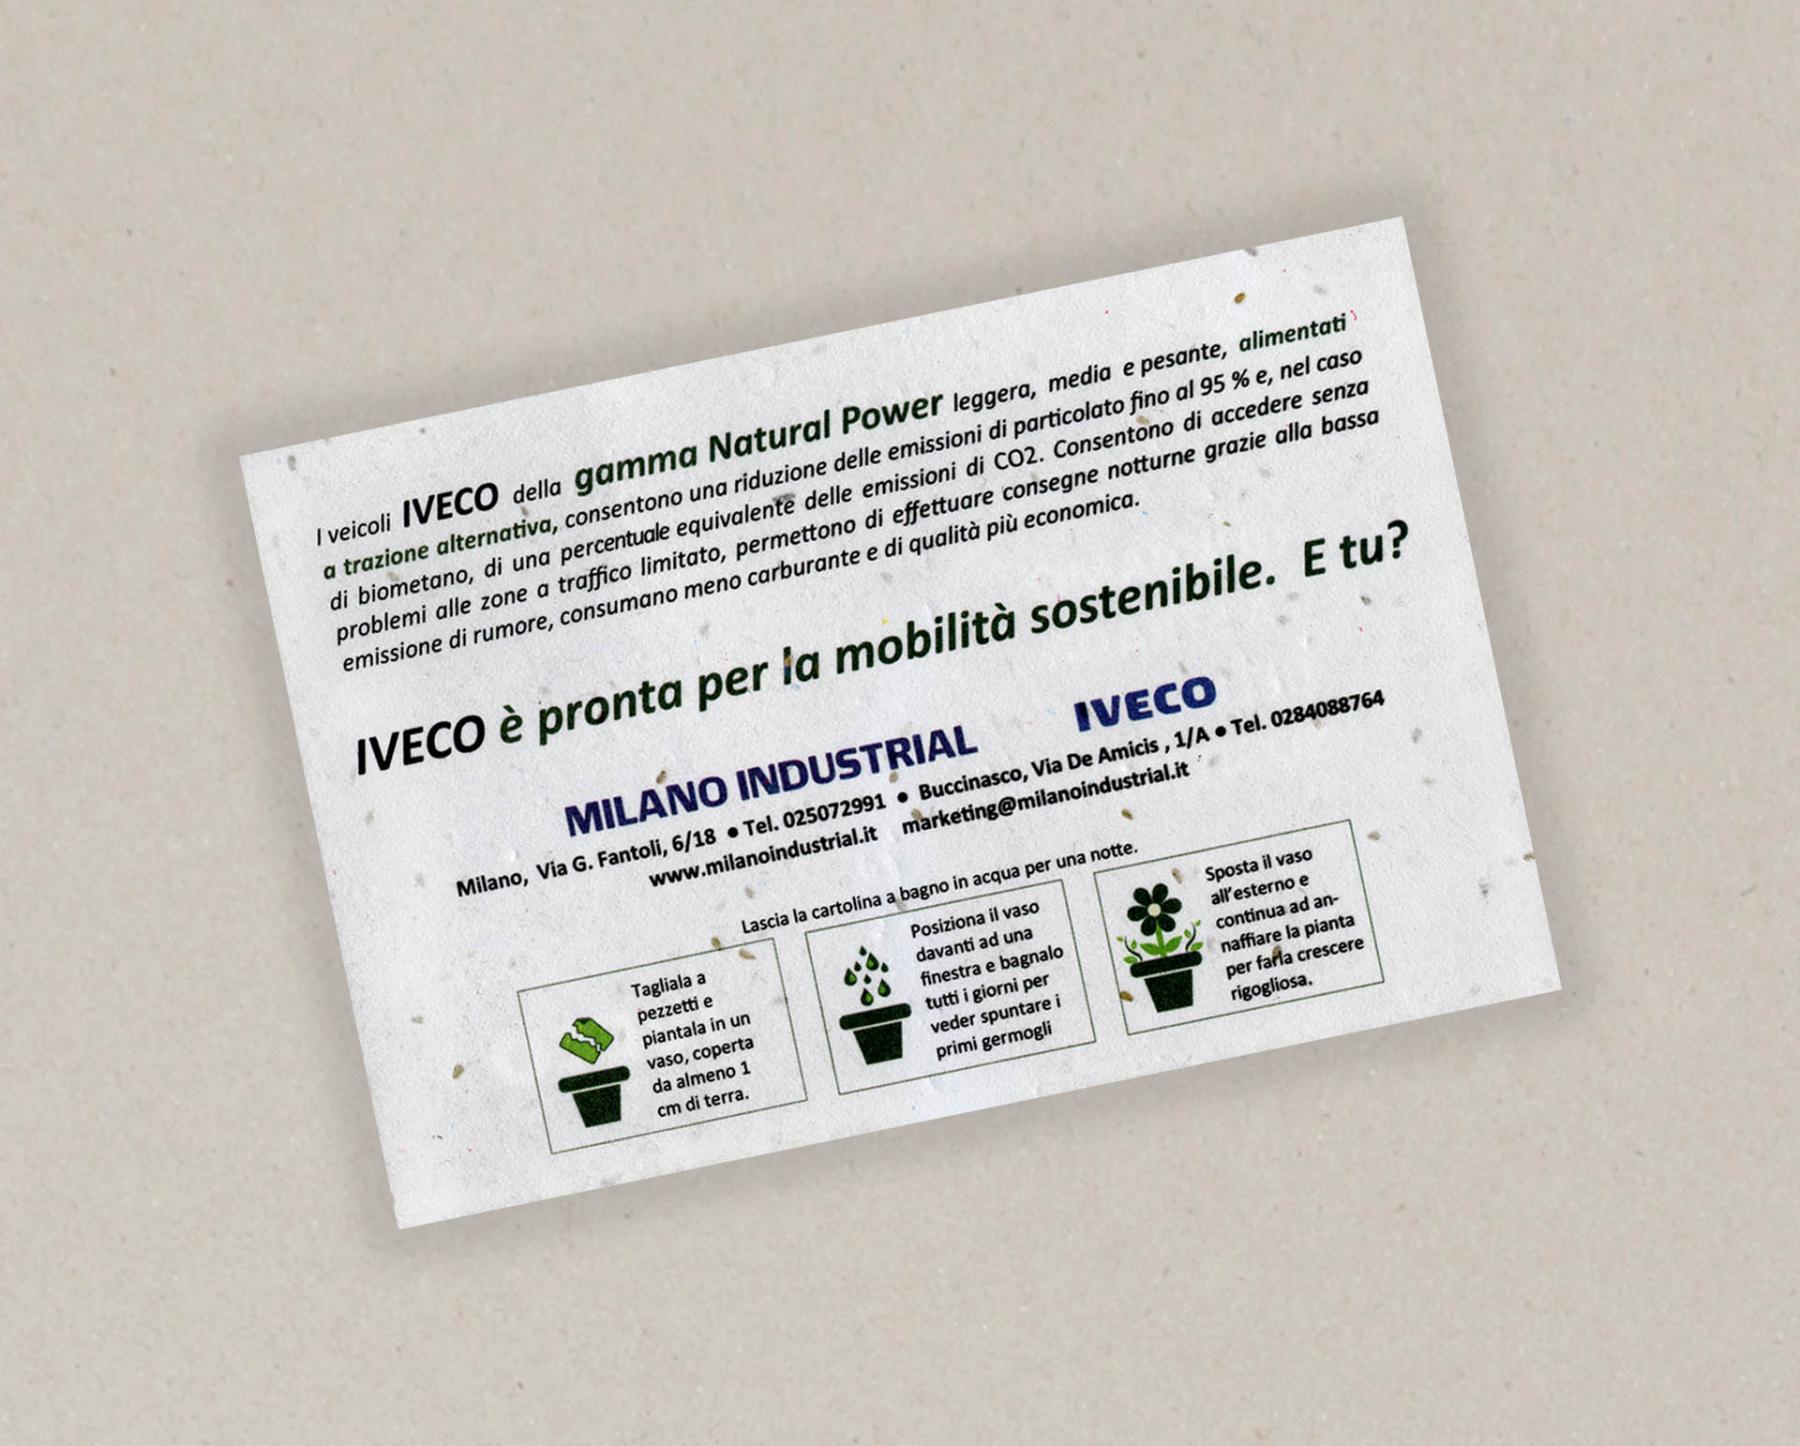 Papel con semillas para IVECO - cara B